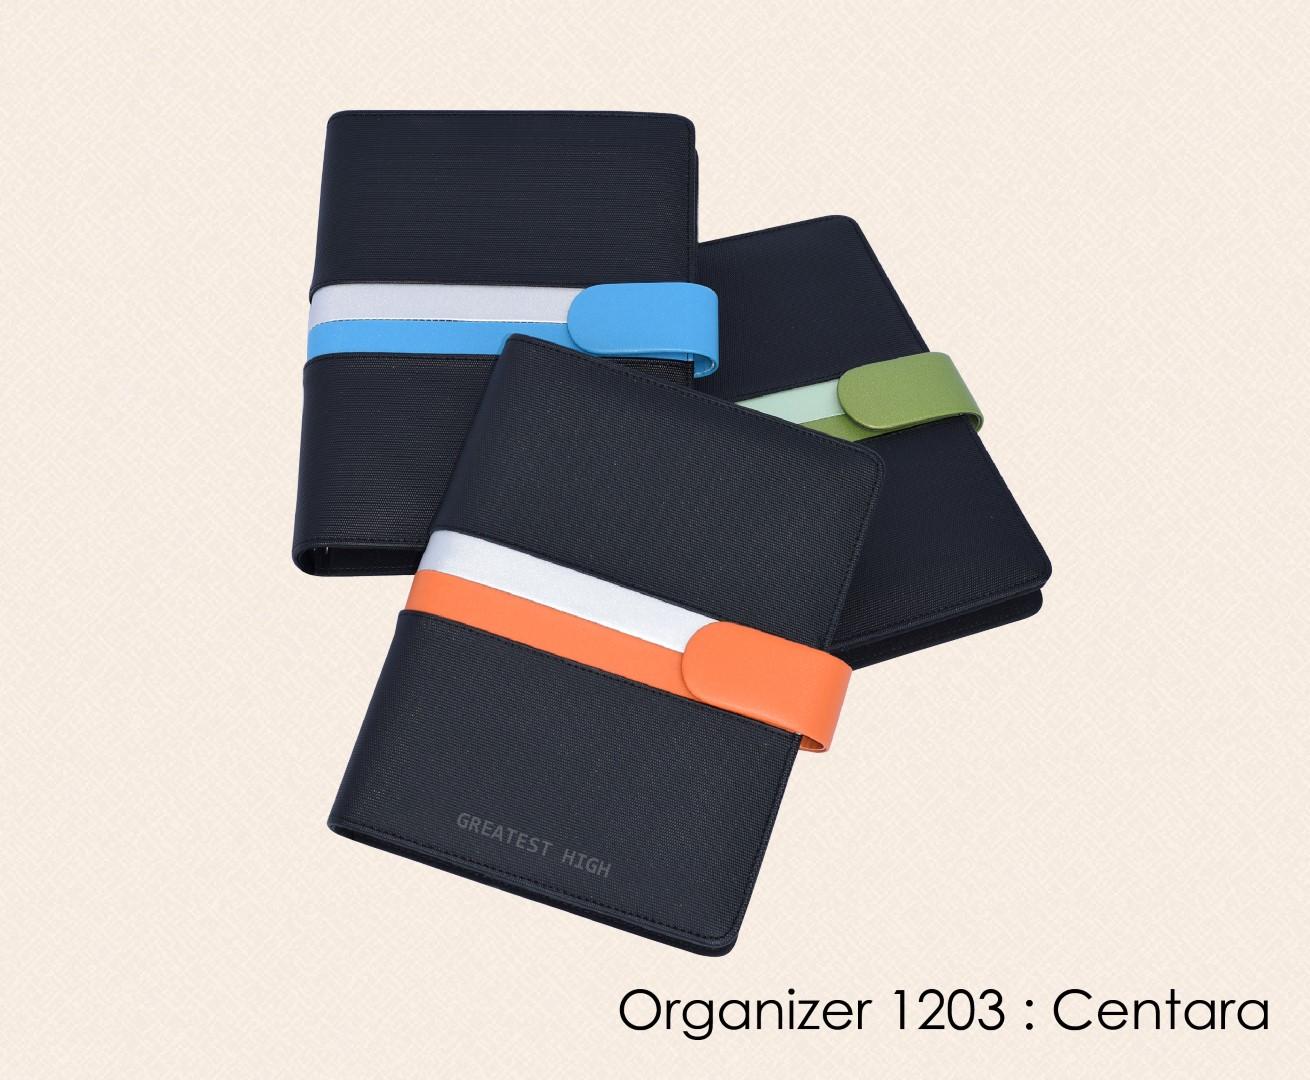 สมุดออร์กาไนเซอร์ Organizer : OR 1203 Centara